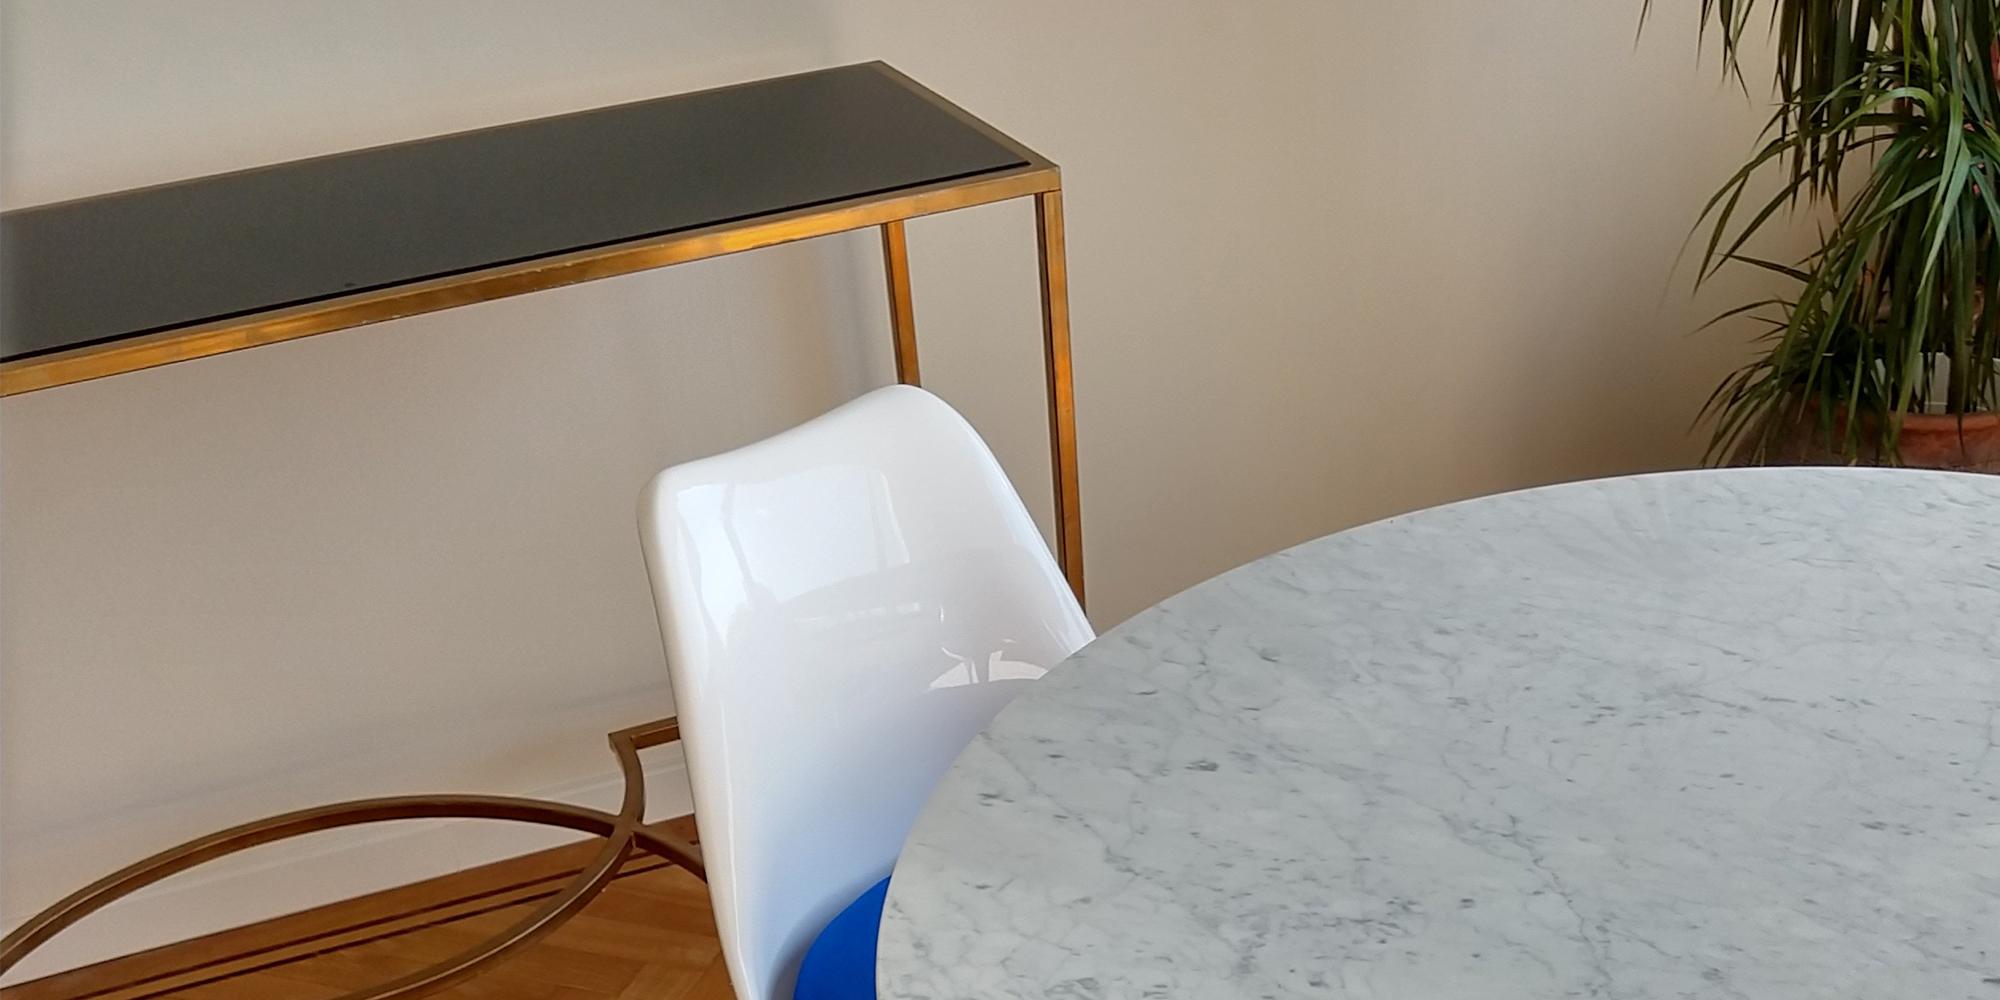 Eeero Saarinen Tulip Side Chair & Table High Angle